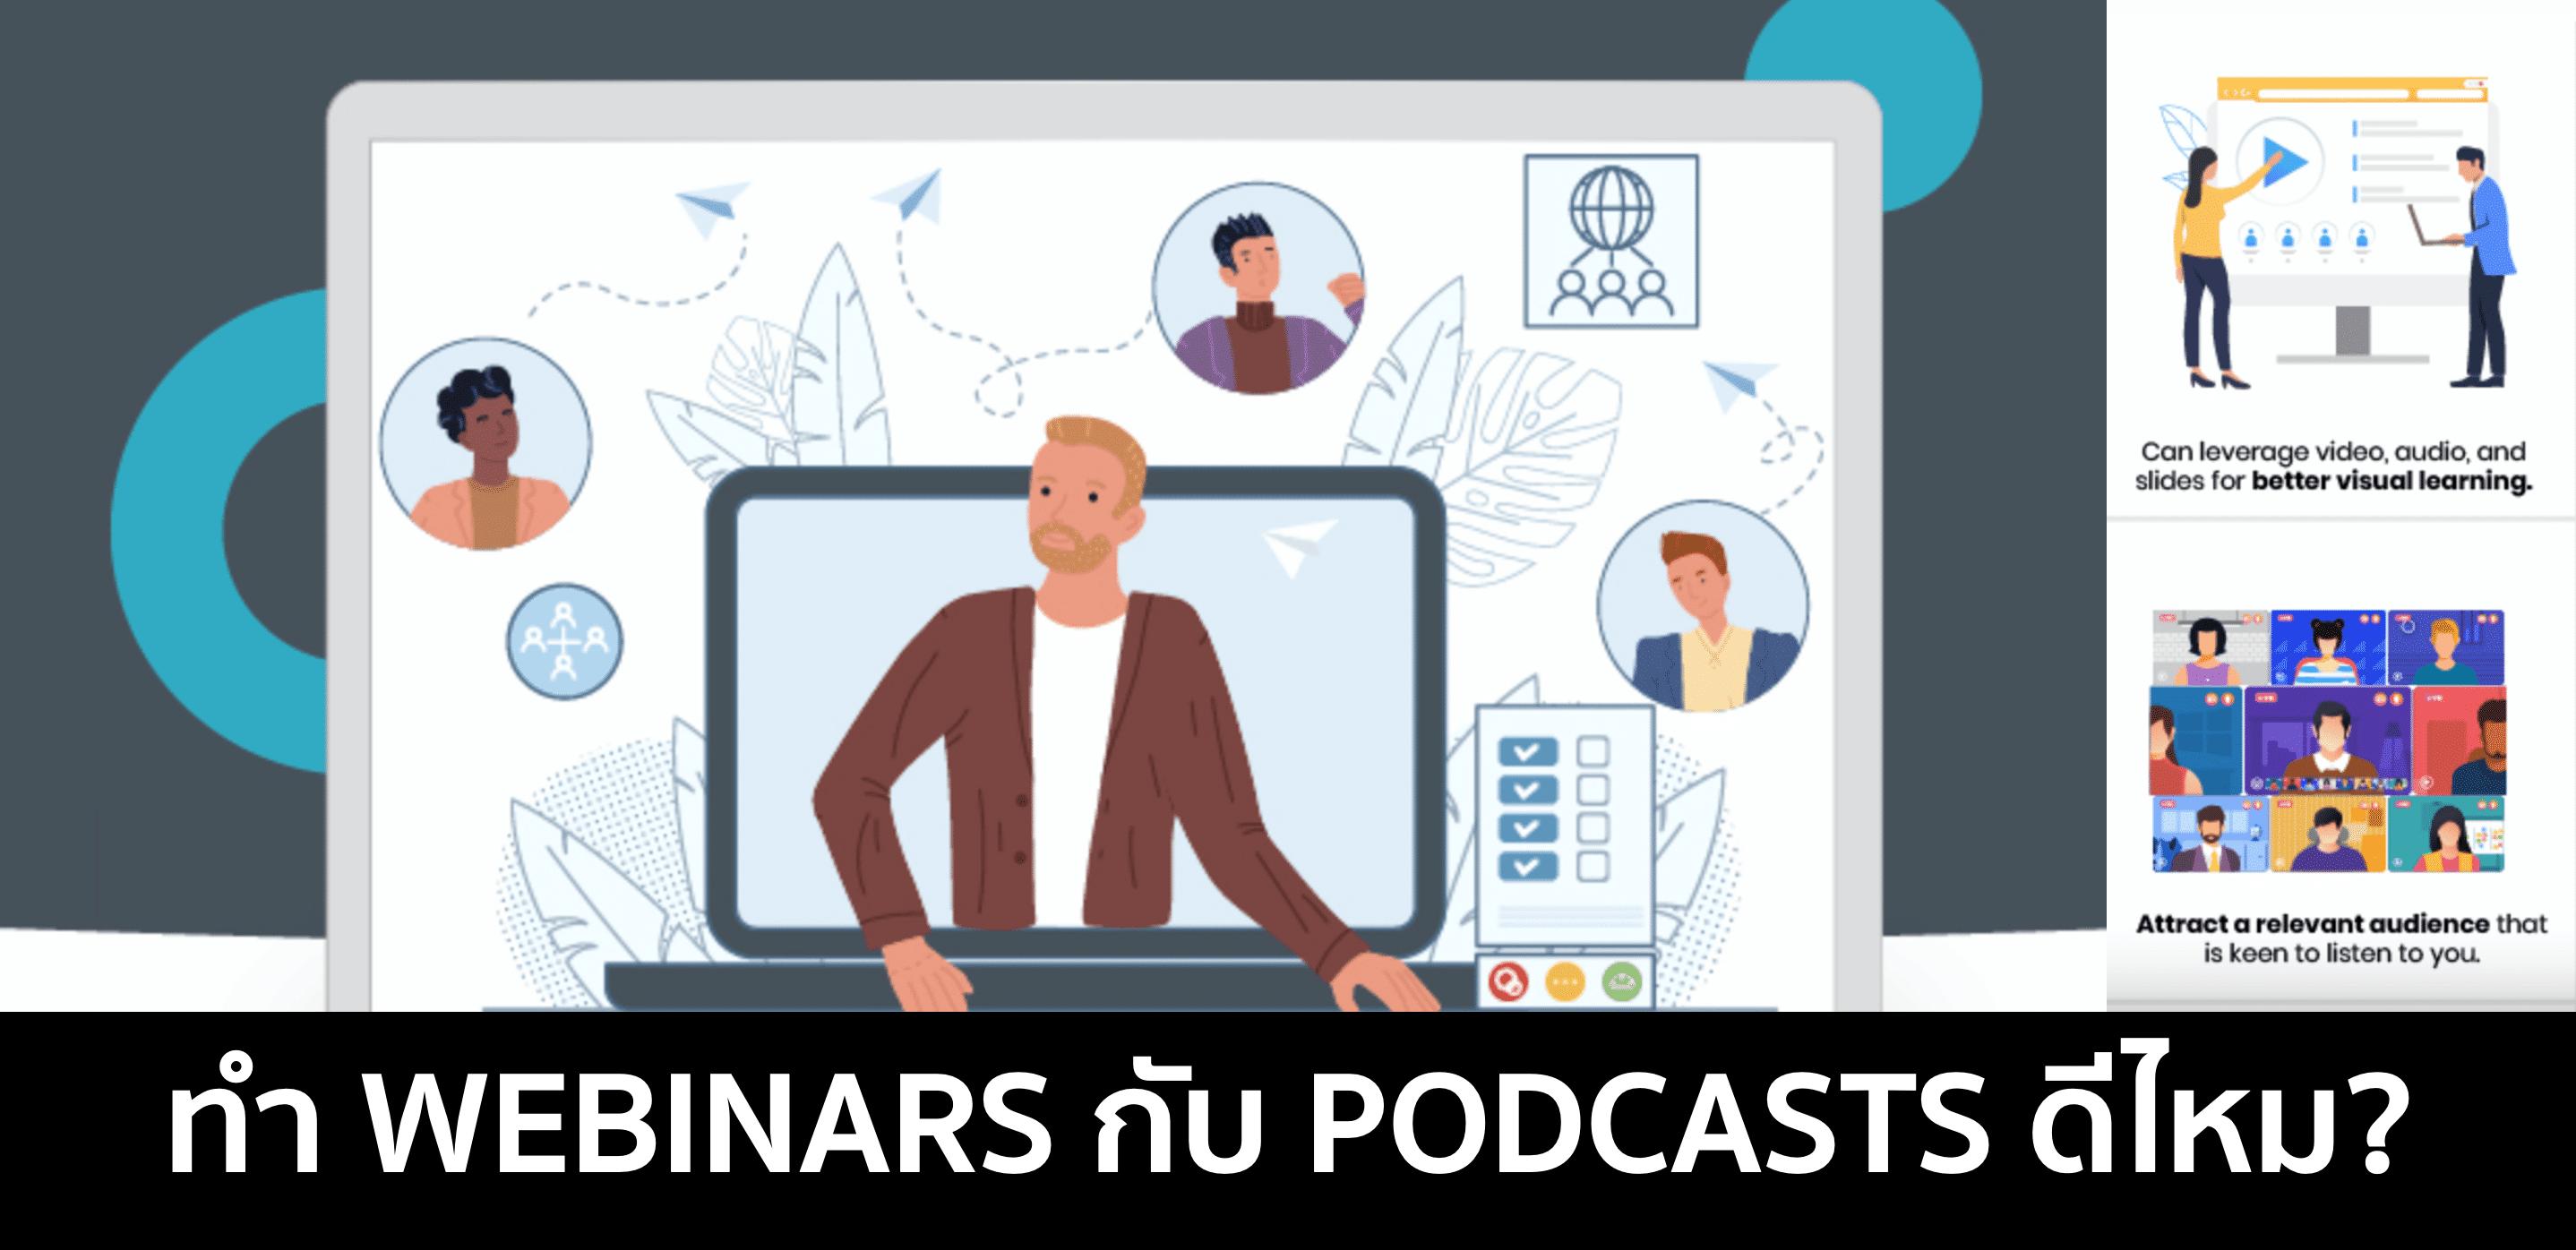 Webinars กับ Podcasts ควรทำไหม? มีข้อดี ข้อเสียอะไรบ้าง?